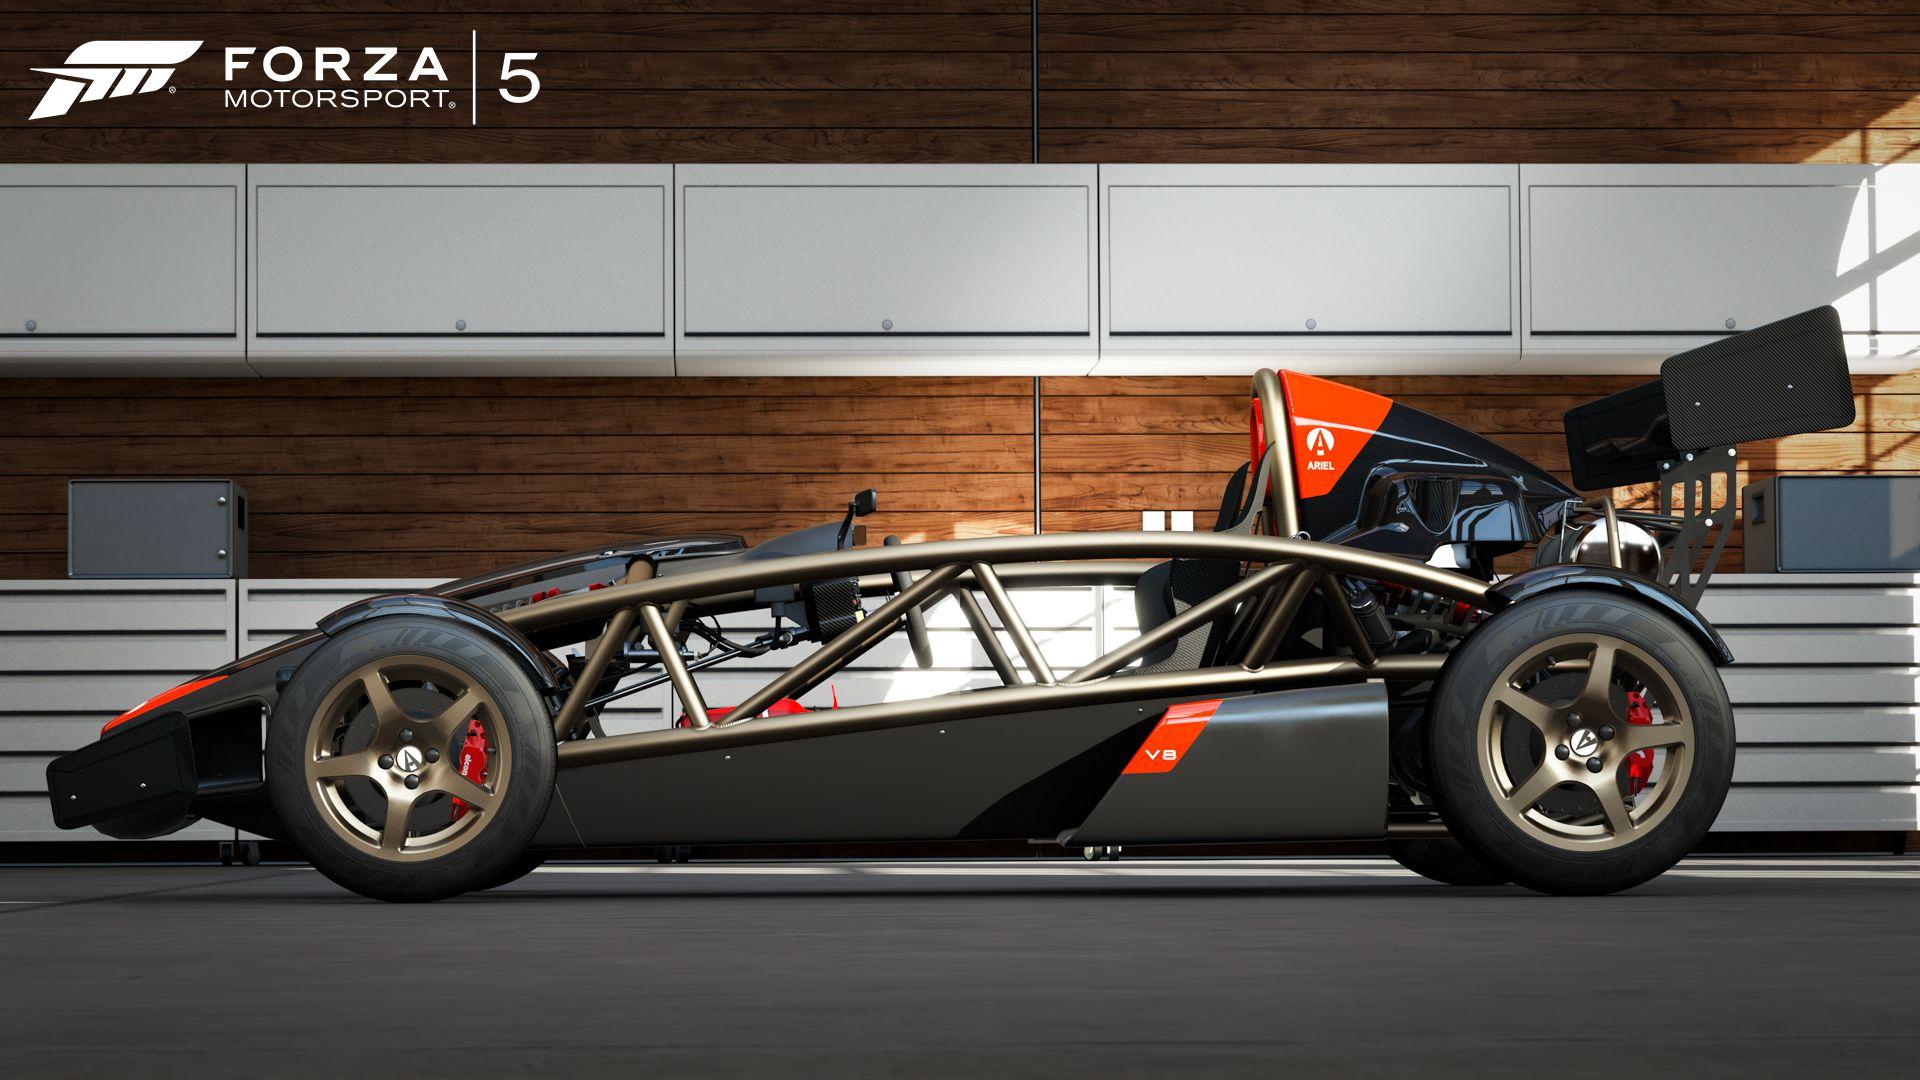 forza motorsport 5 screenshots image 14045 new game network. Black Bedroom Furniture Sets. Home Design Ideas